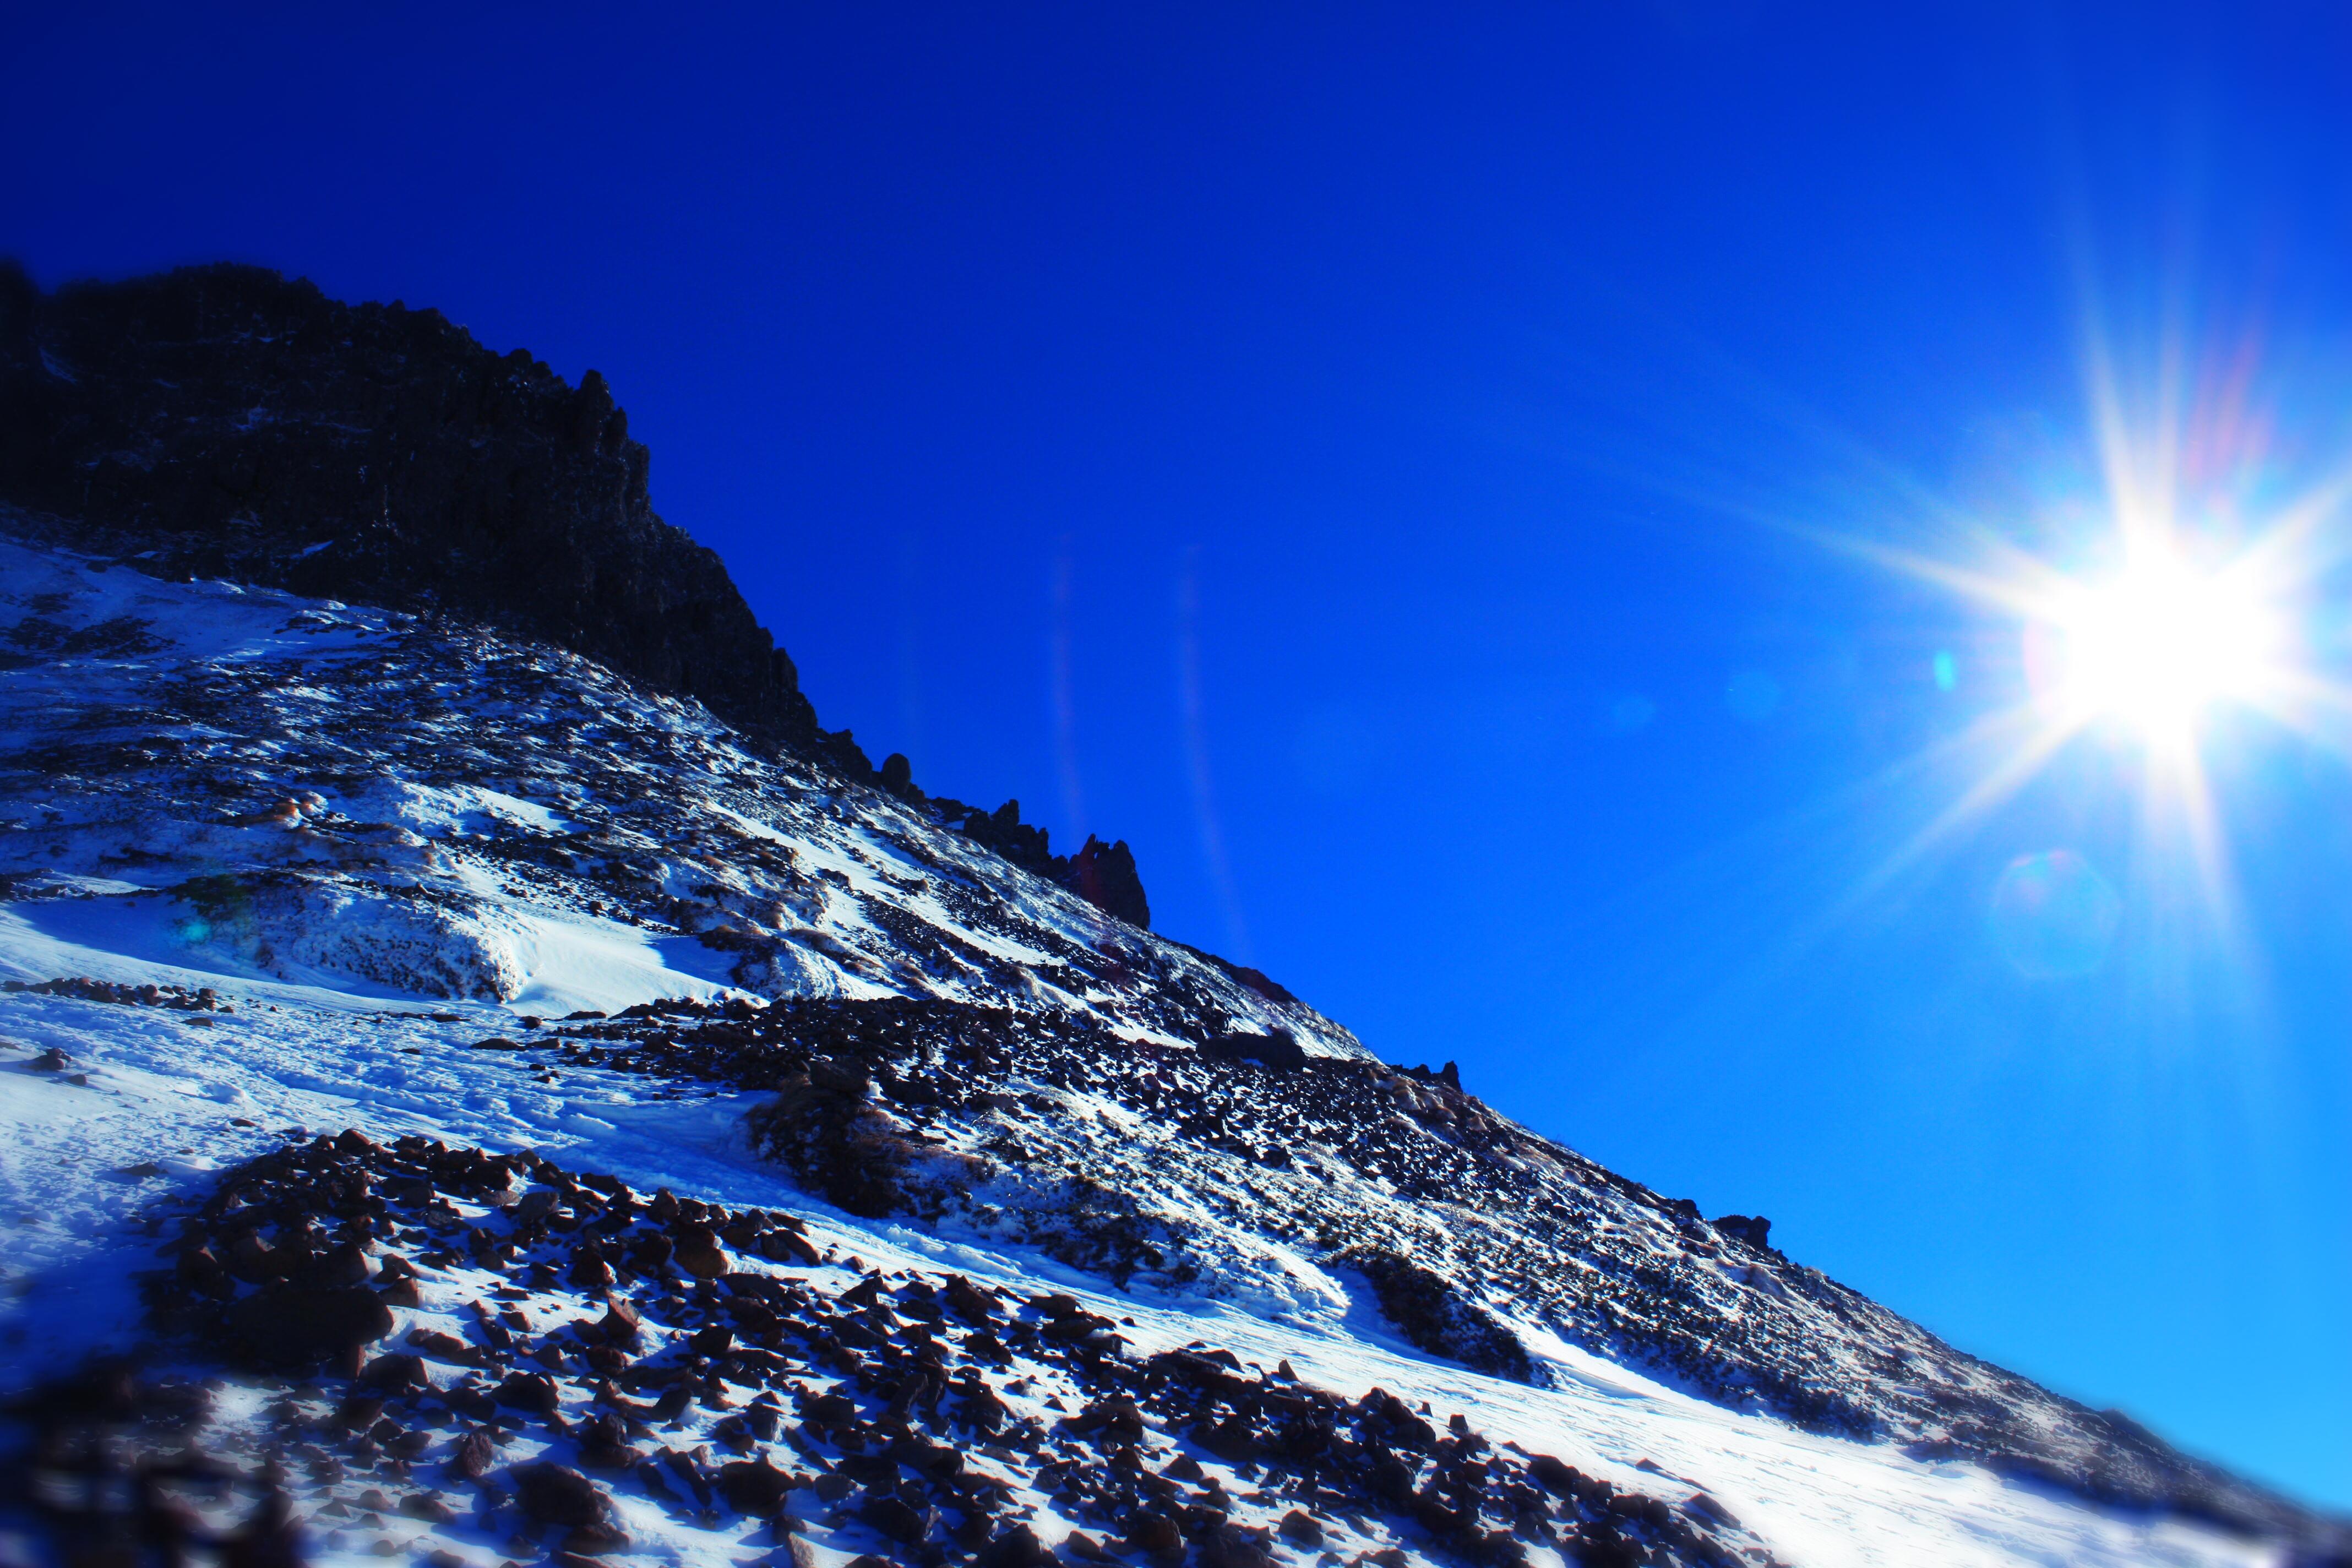 阿弥陀岳稜線